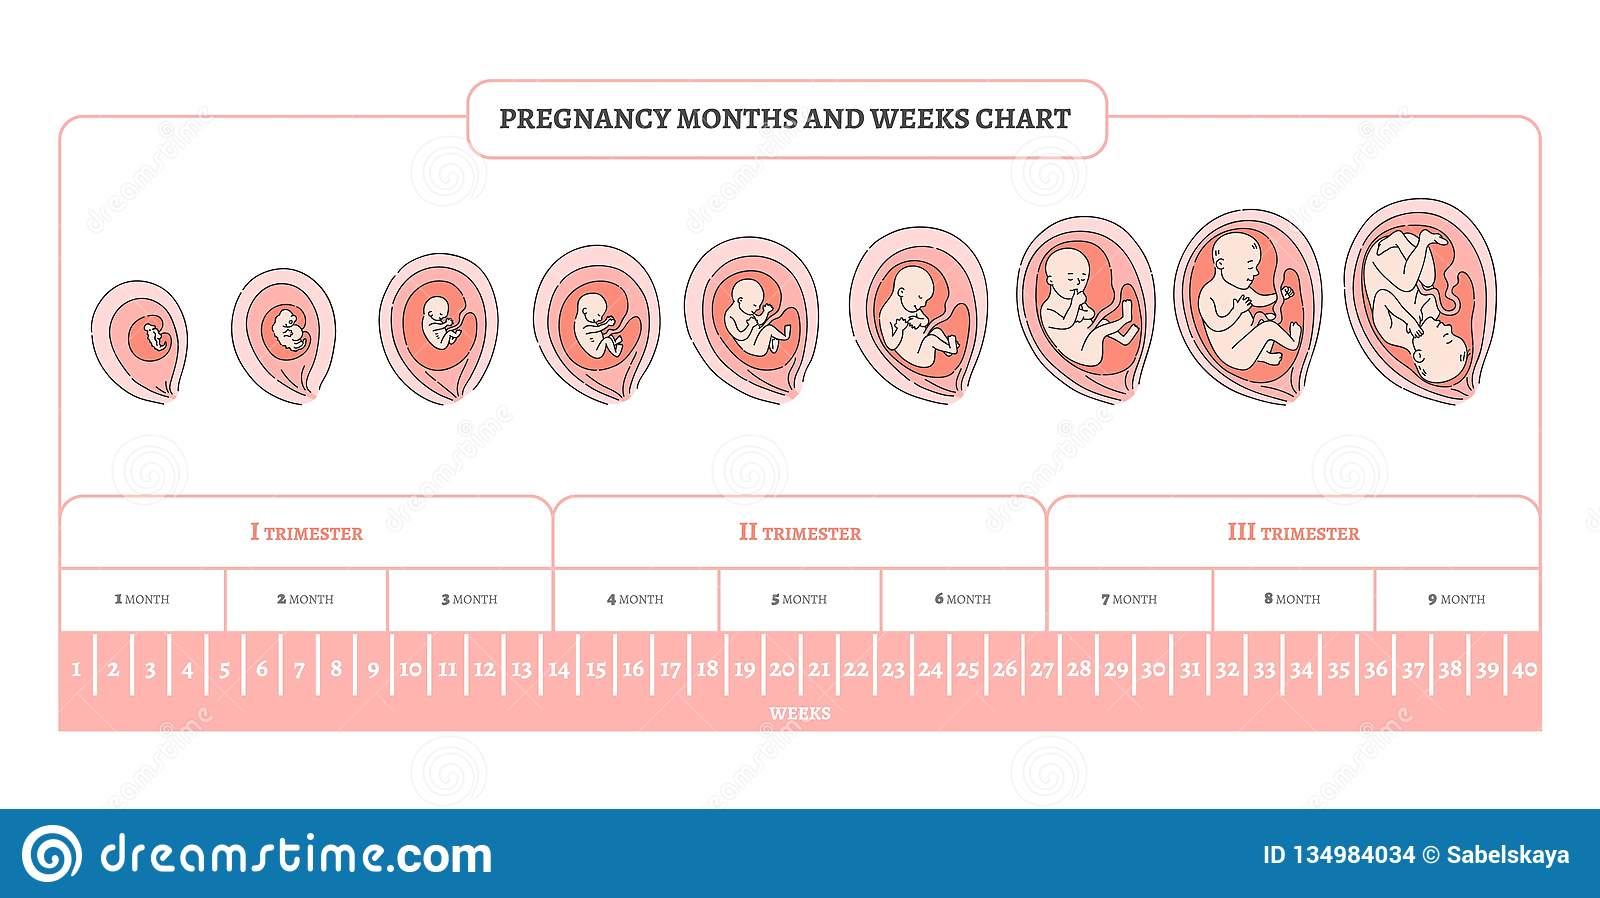 Три шага к встрече с чудом – три триместра беременности